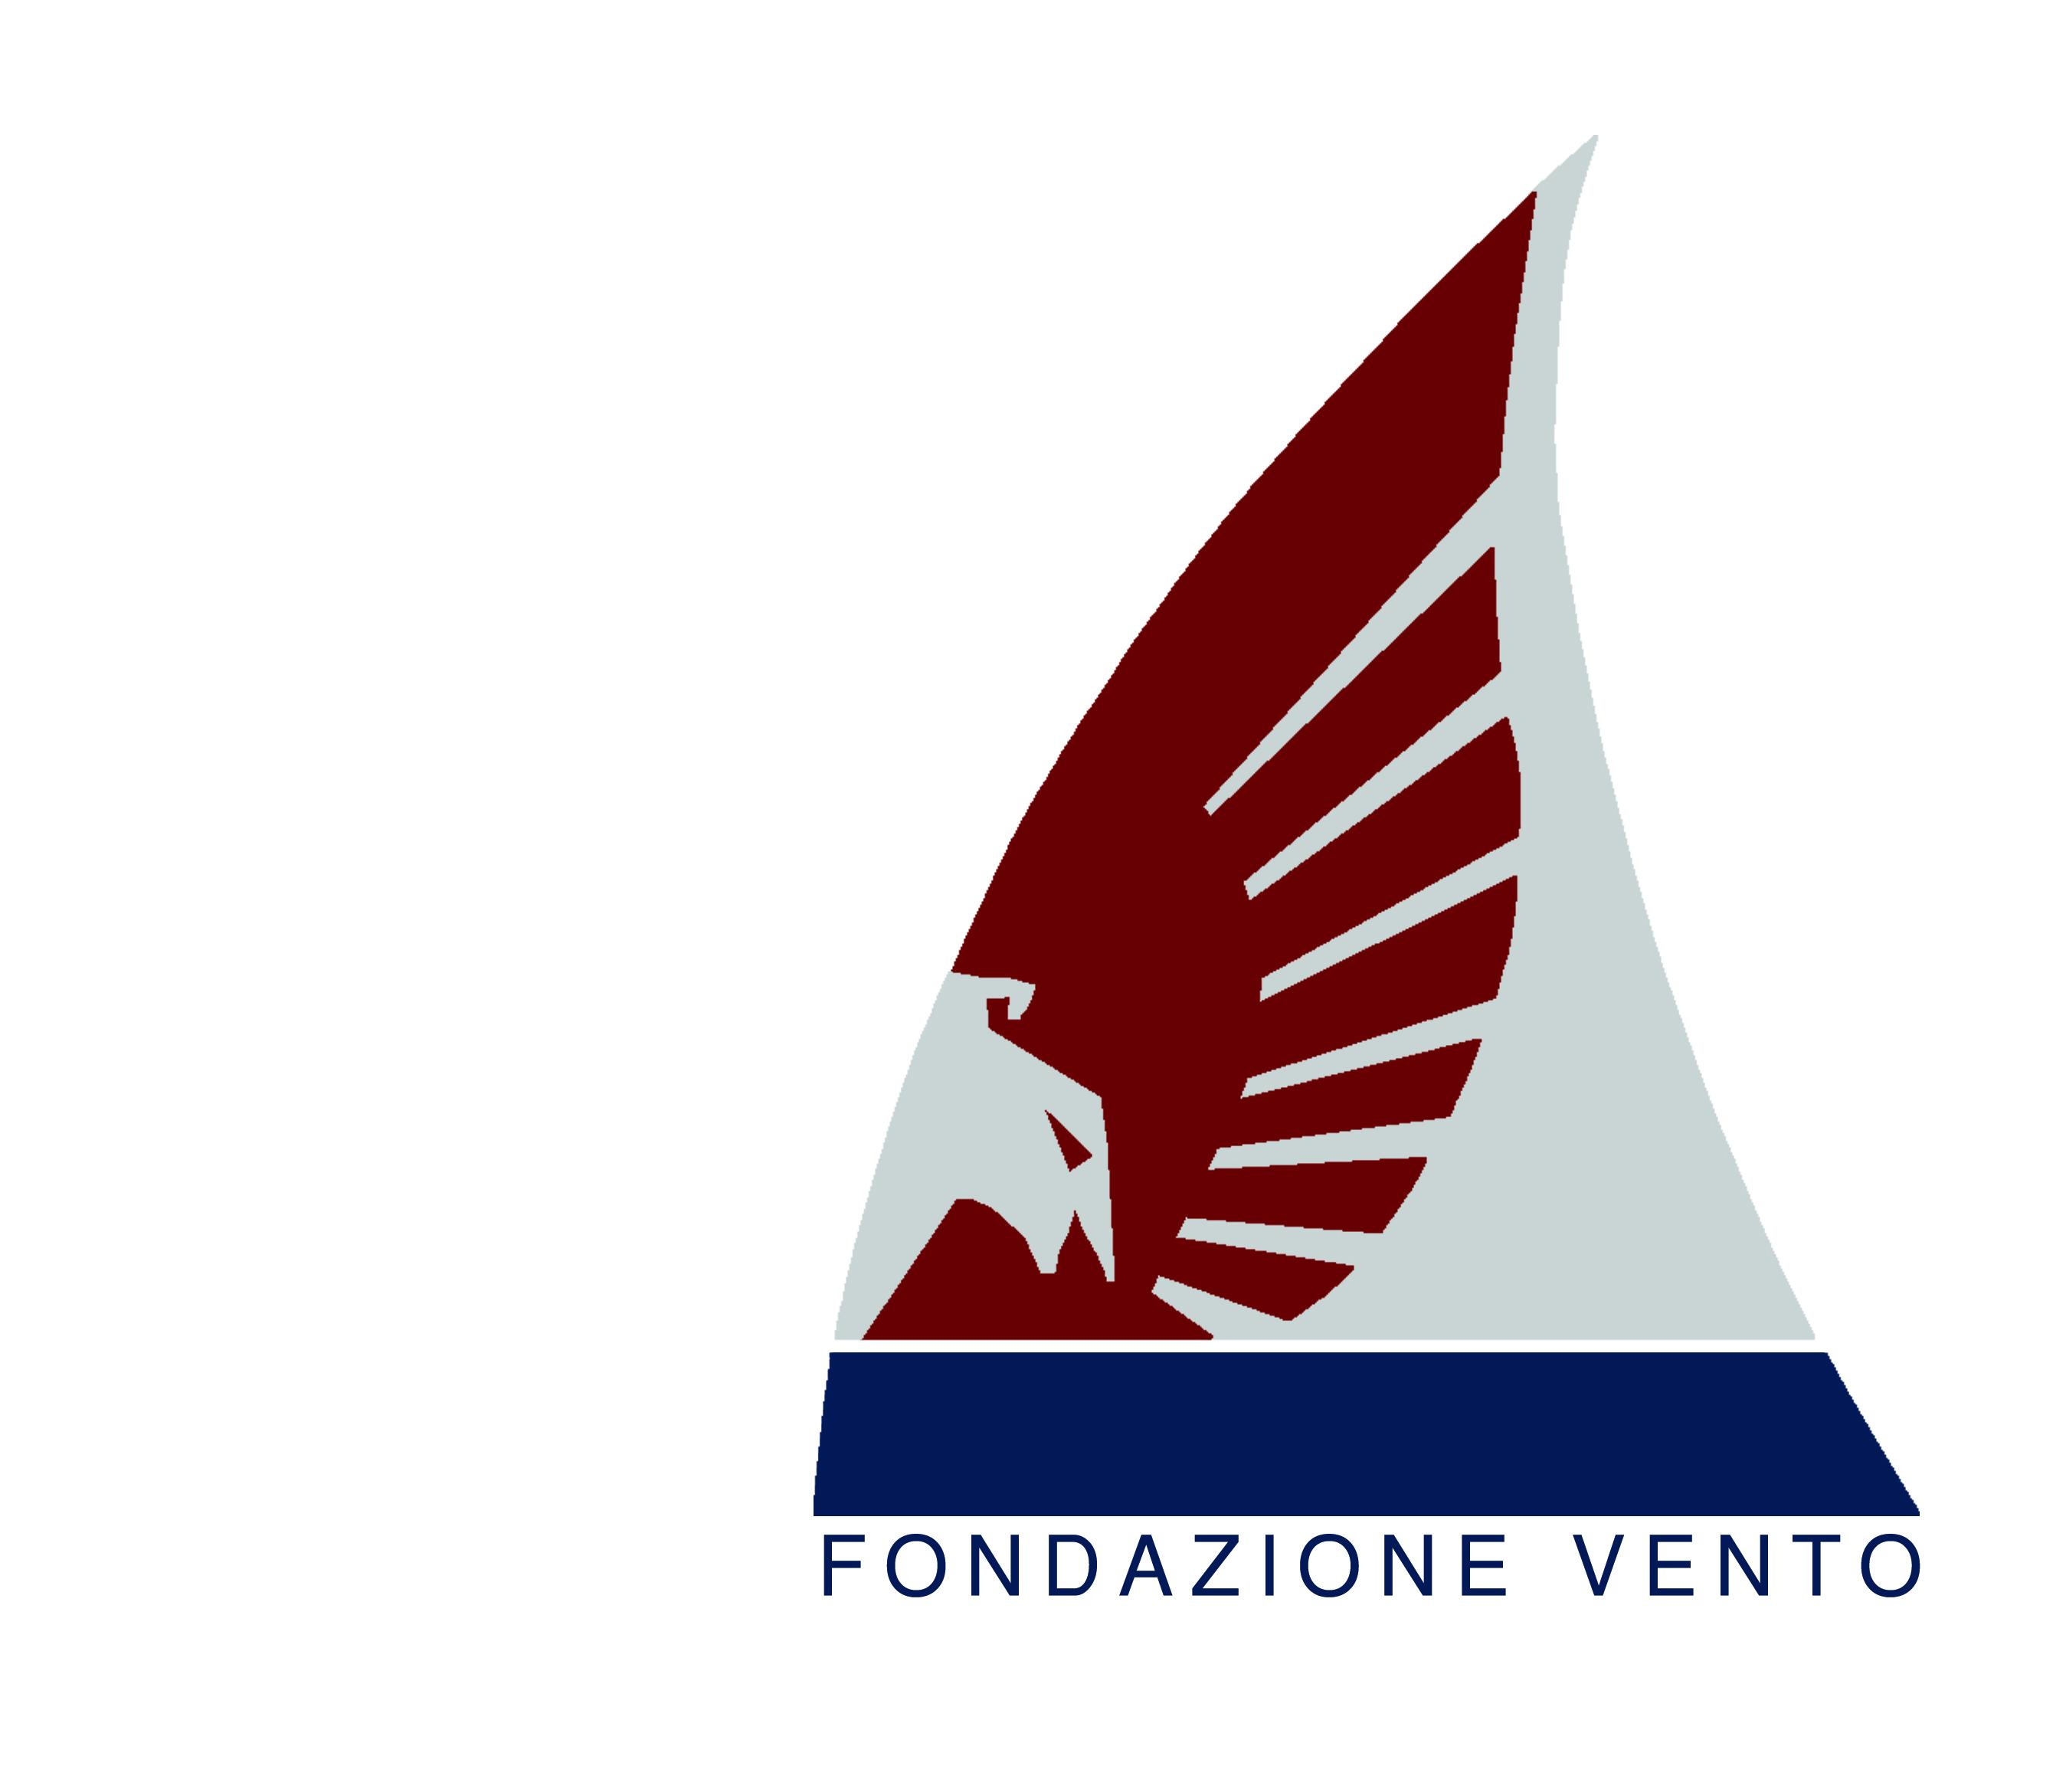 Fondazione Vento_Logo